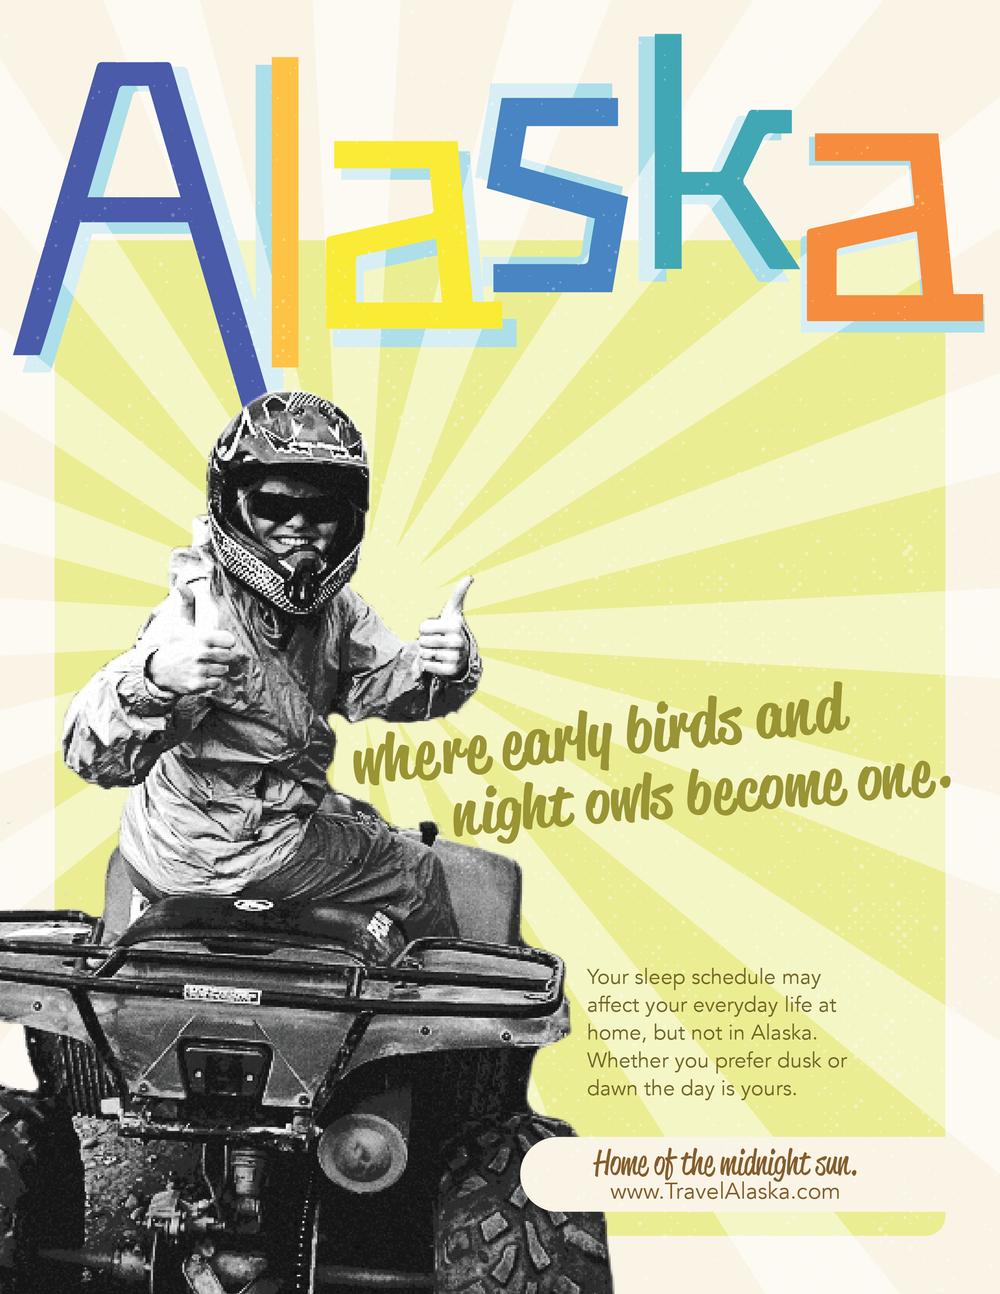 alaska_vintagetourism-04.png